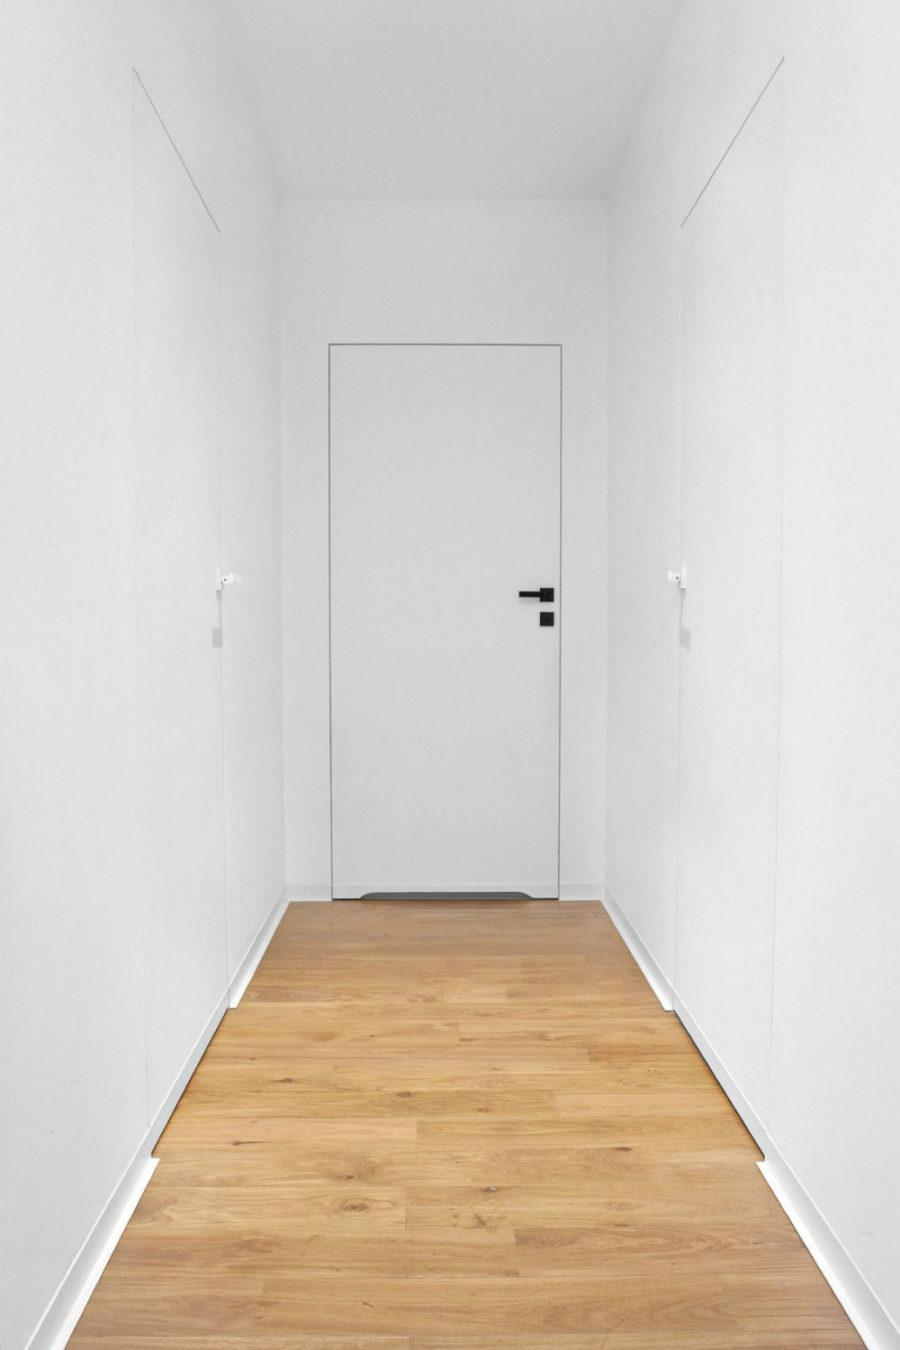 Minimal white hallway looks sterile